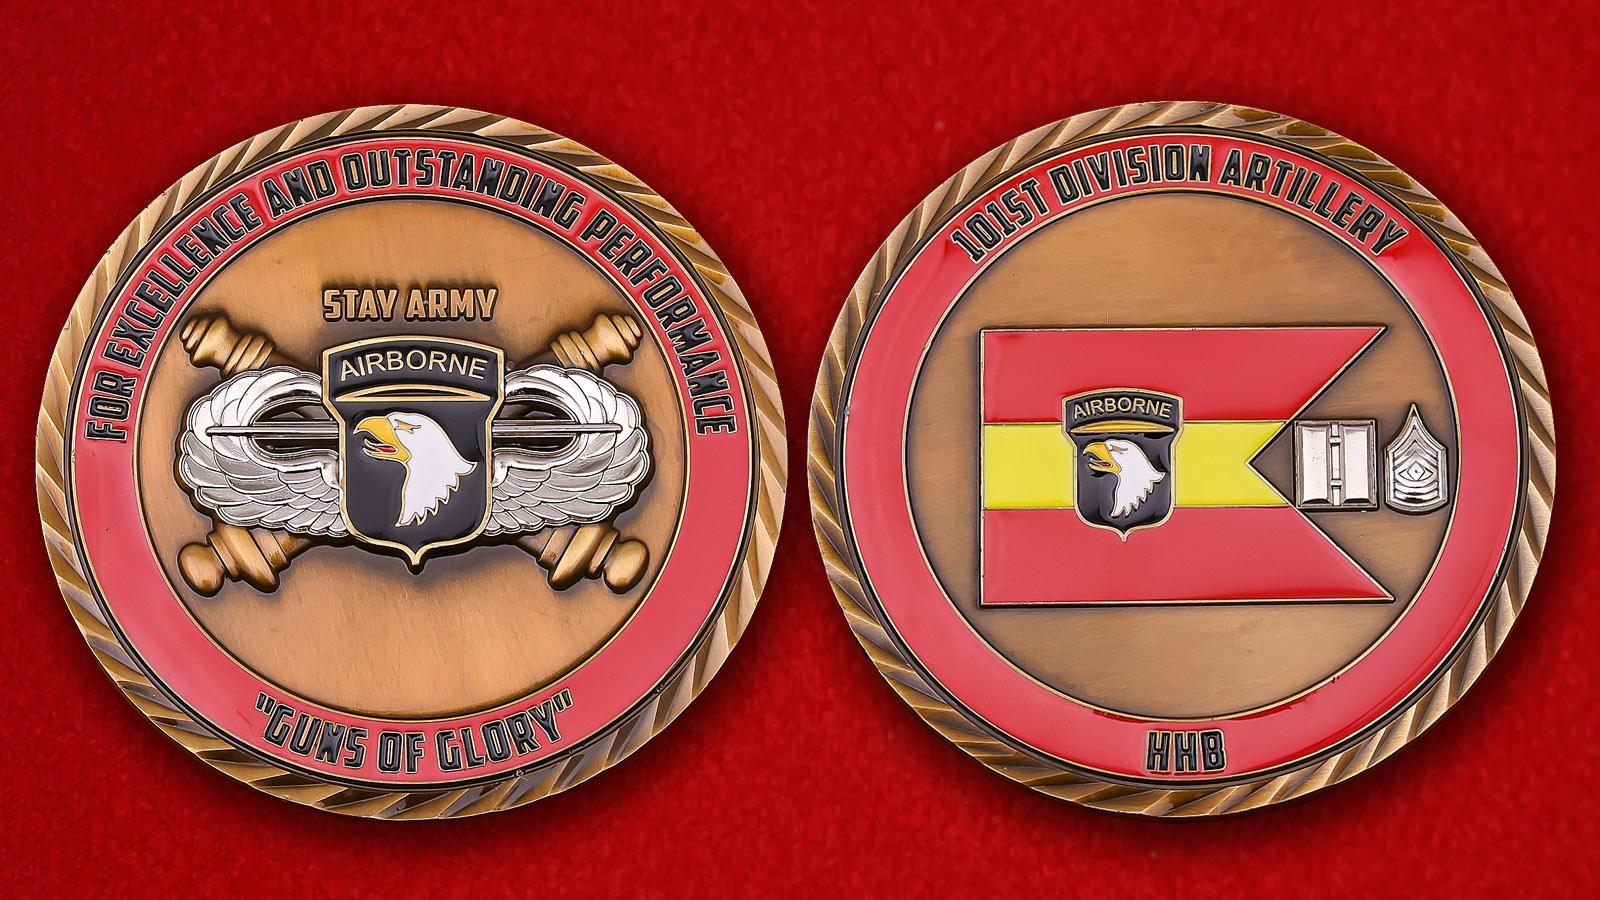 Челлендж коин артиллерийских подразделений 101-й Воздушно-десантной дивизии Армии США